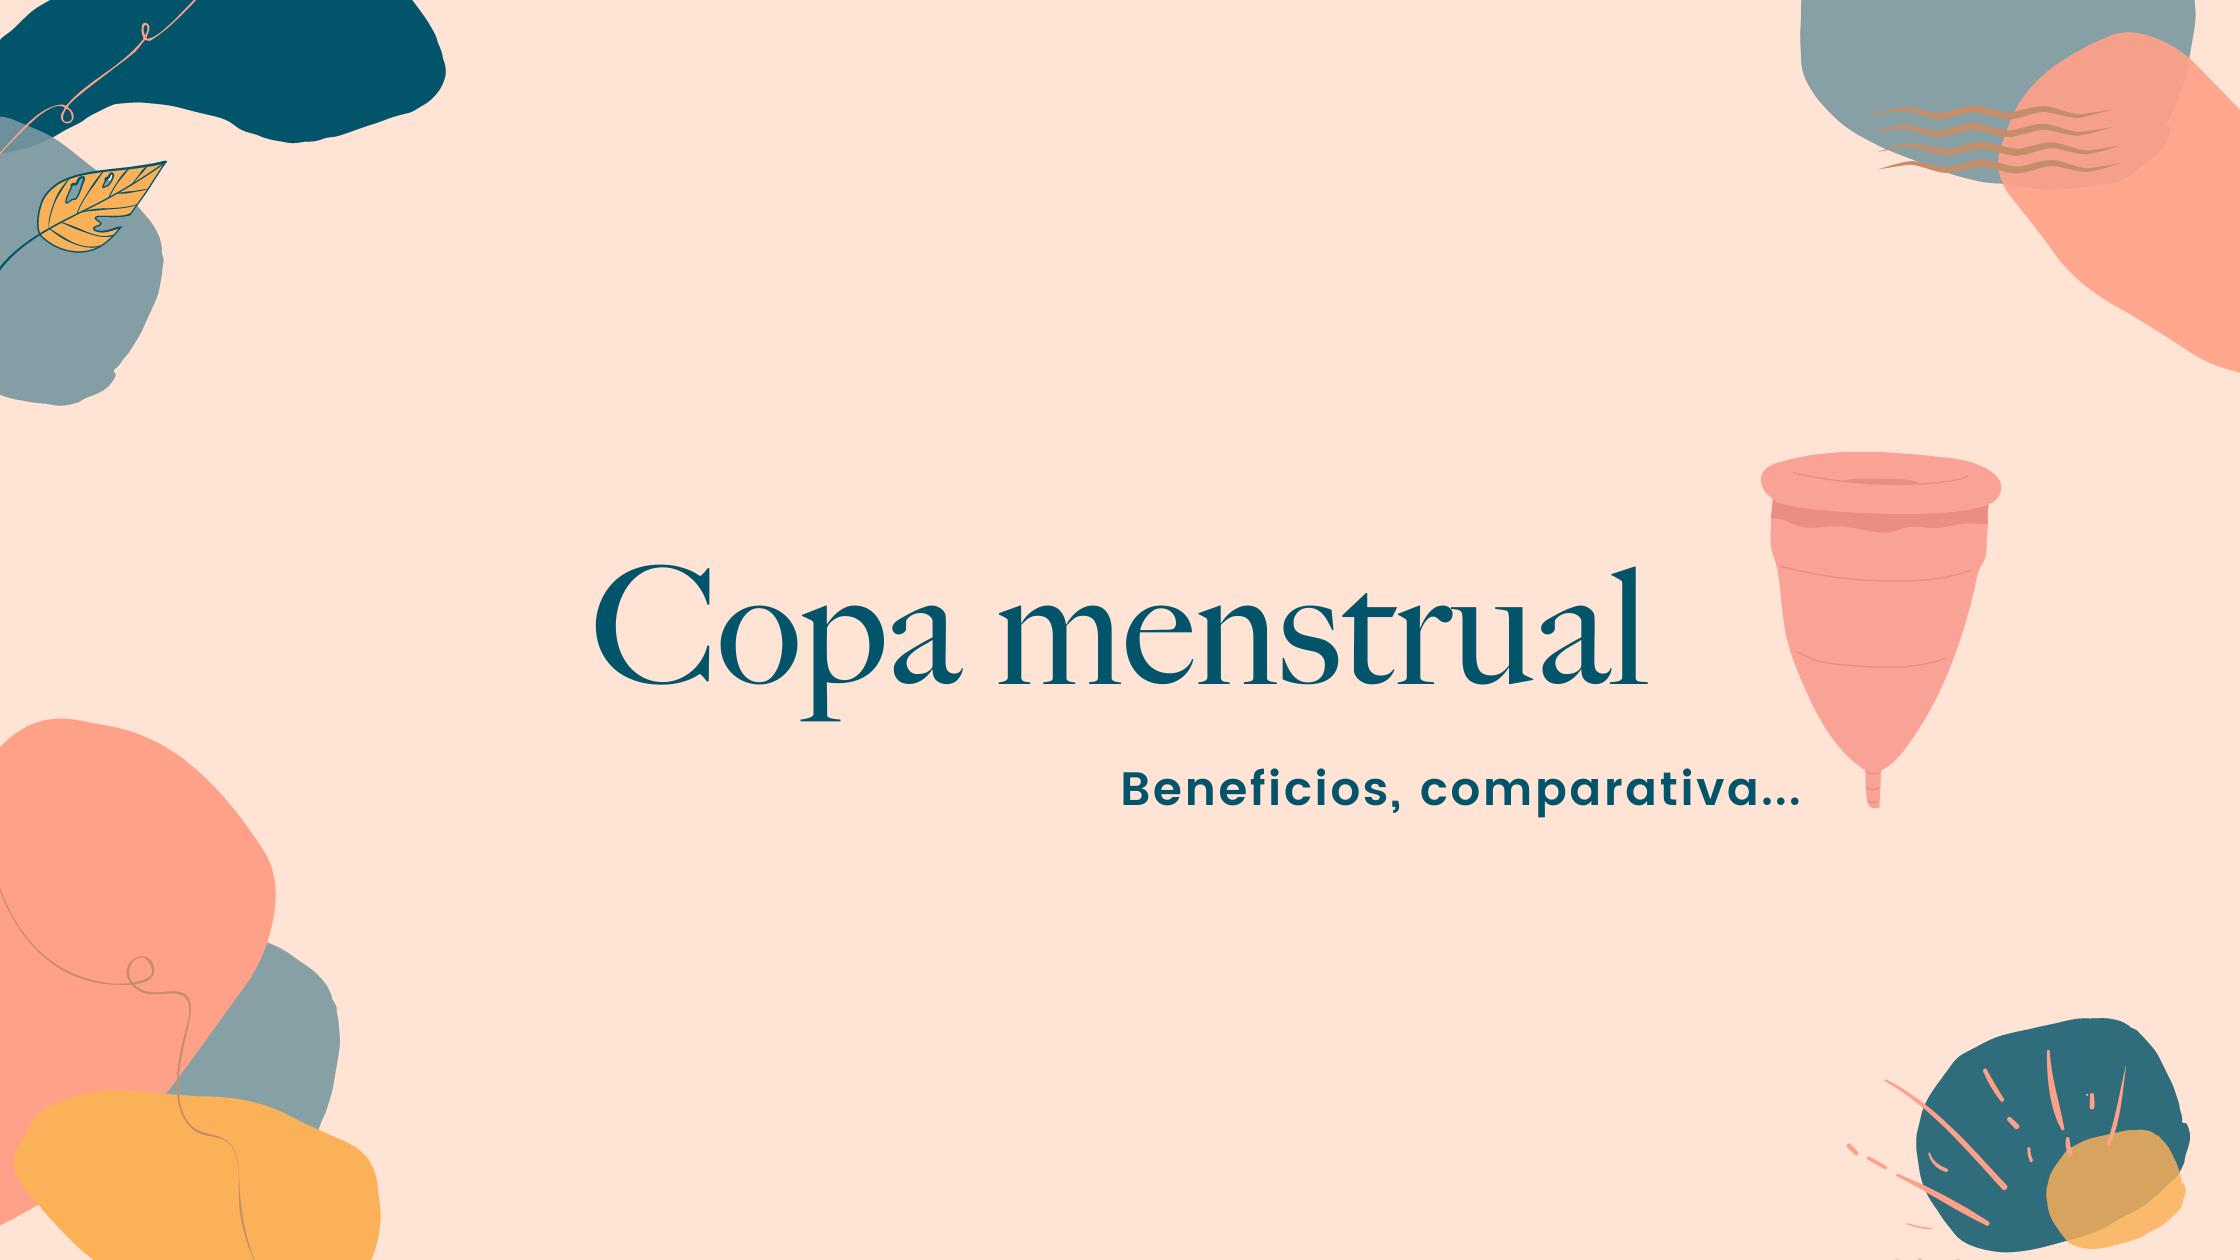 La copa menstrual: el gran descubrimiento + comparativa 2021